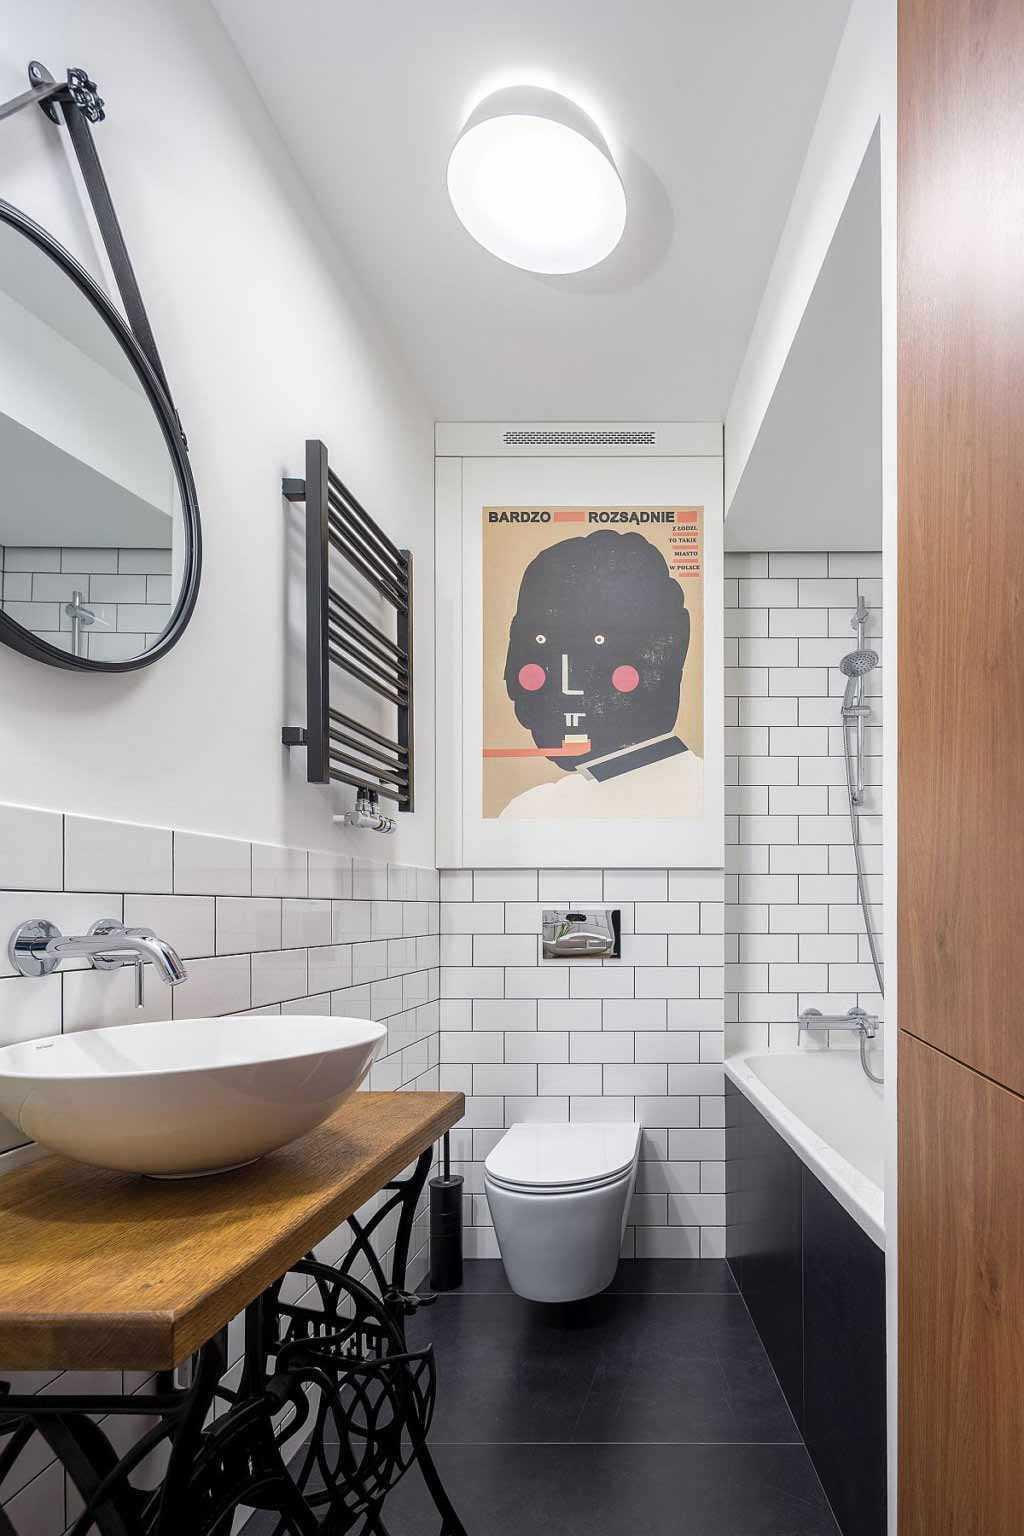 Kamar mandi dengan warna hitam putih,karya 3XEL Architekci, viadecoist.com